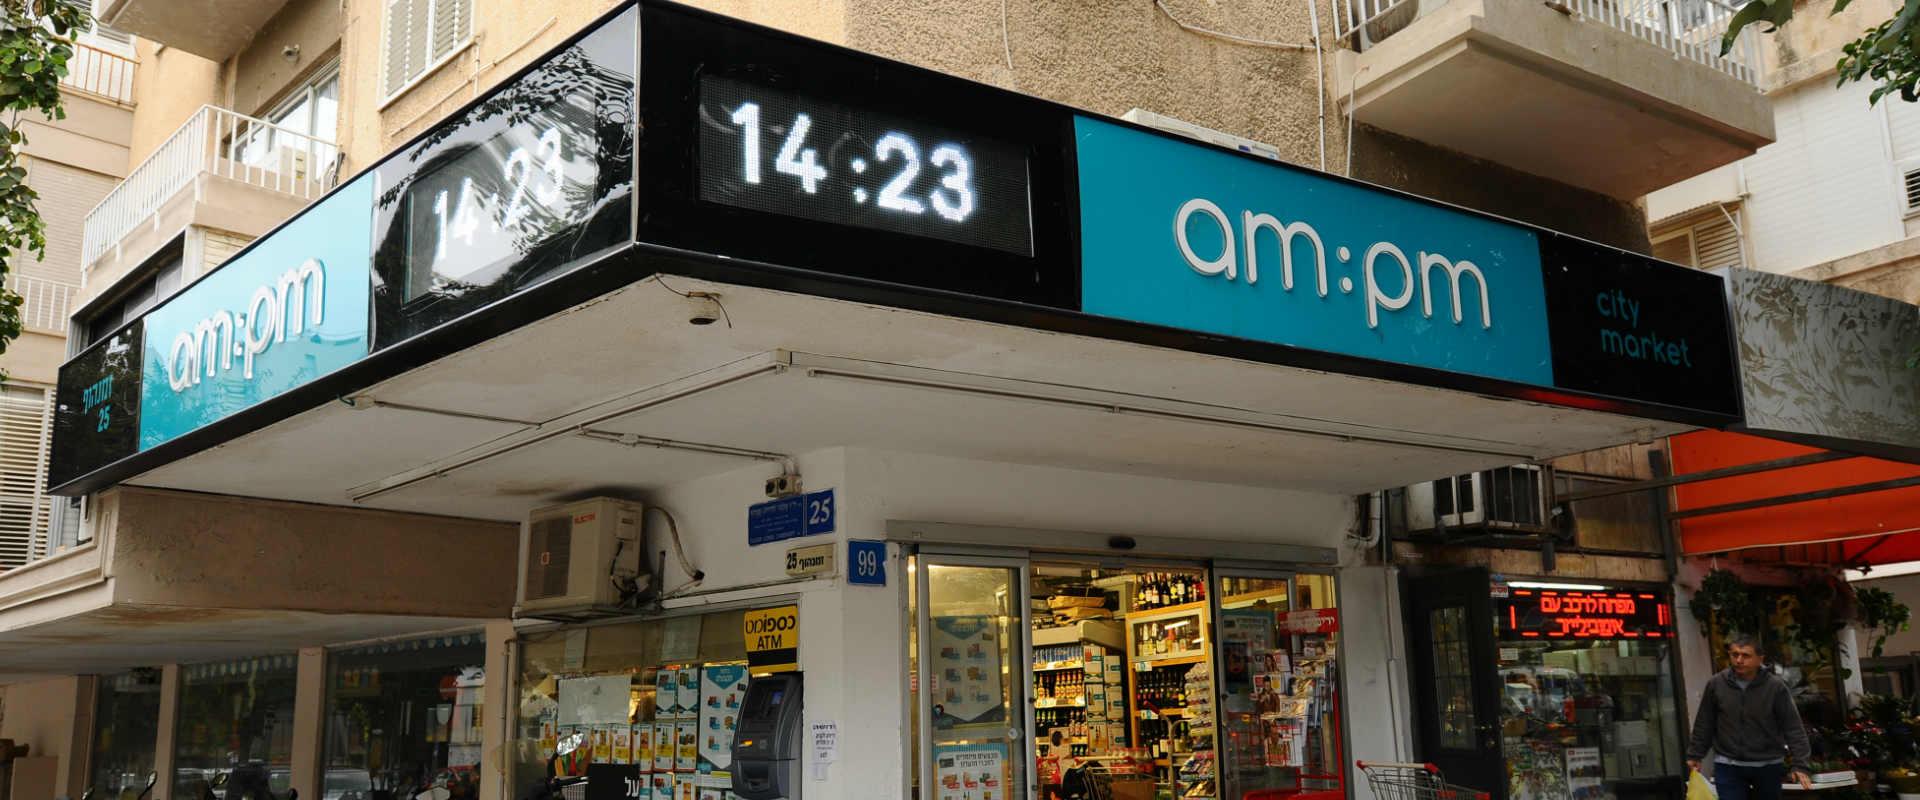 סניף רשת am pm בתל אביב